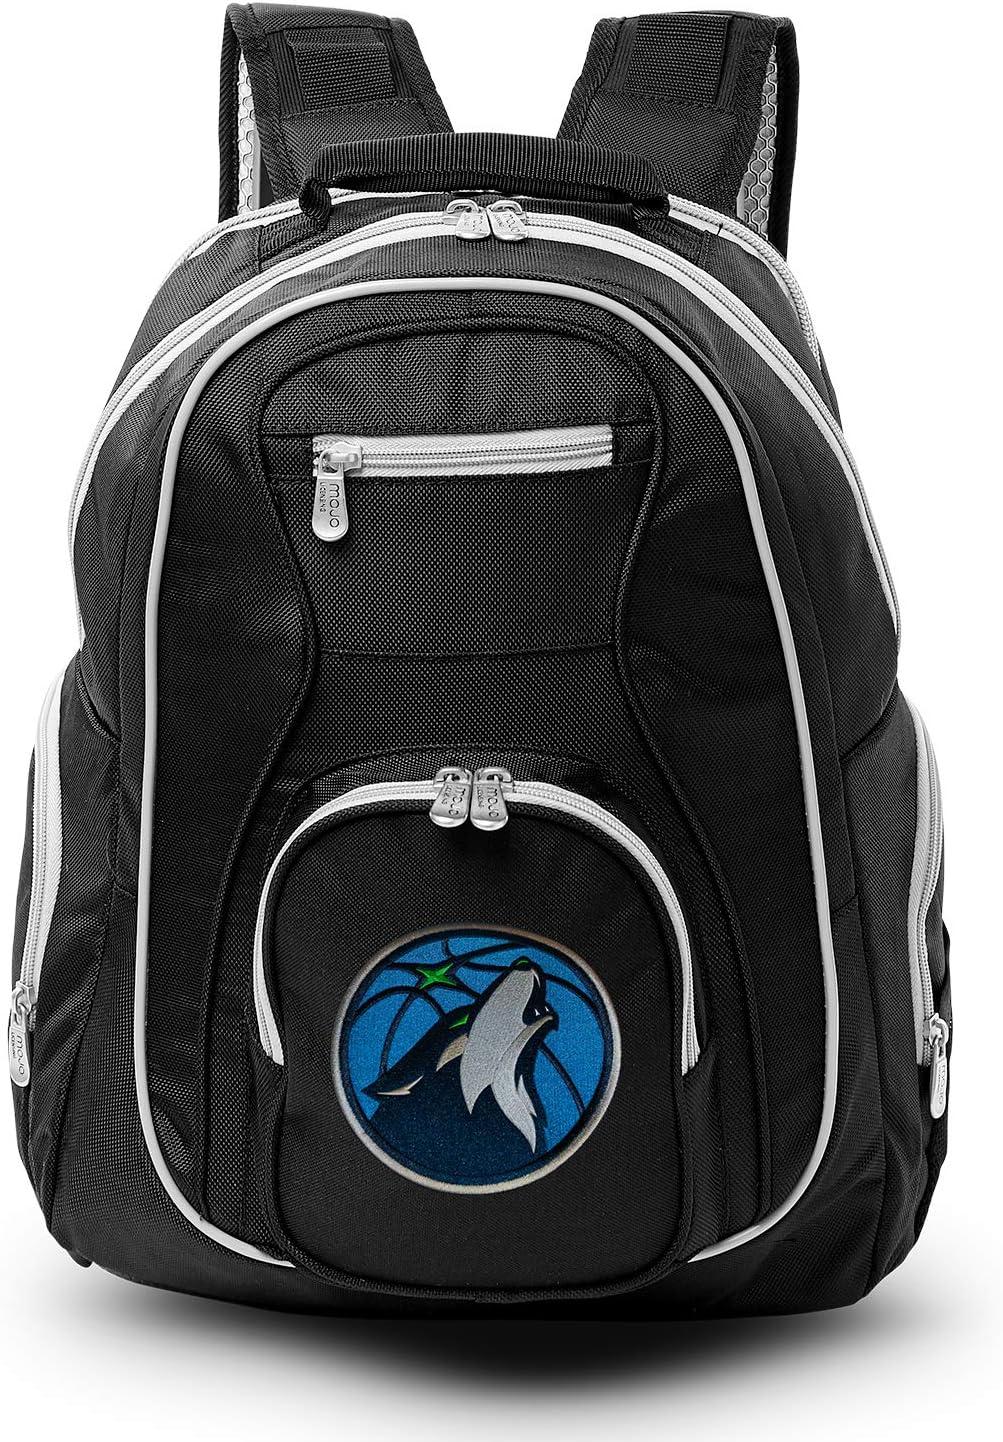 NBA Colored Trim Premium Laptop Backpack